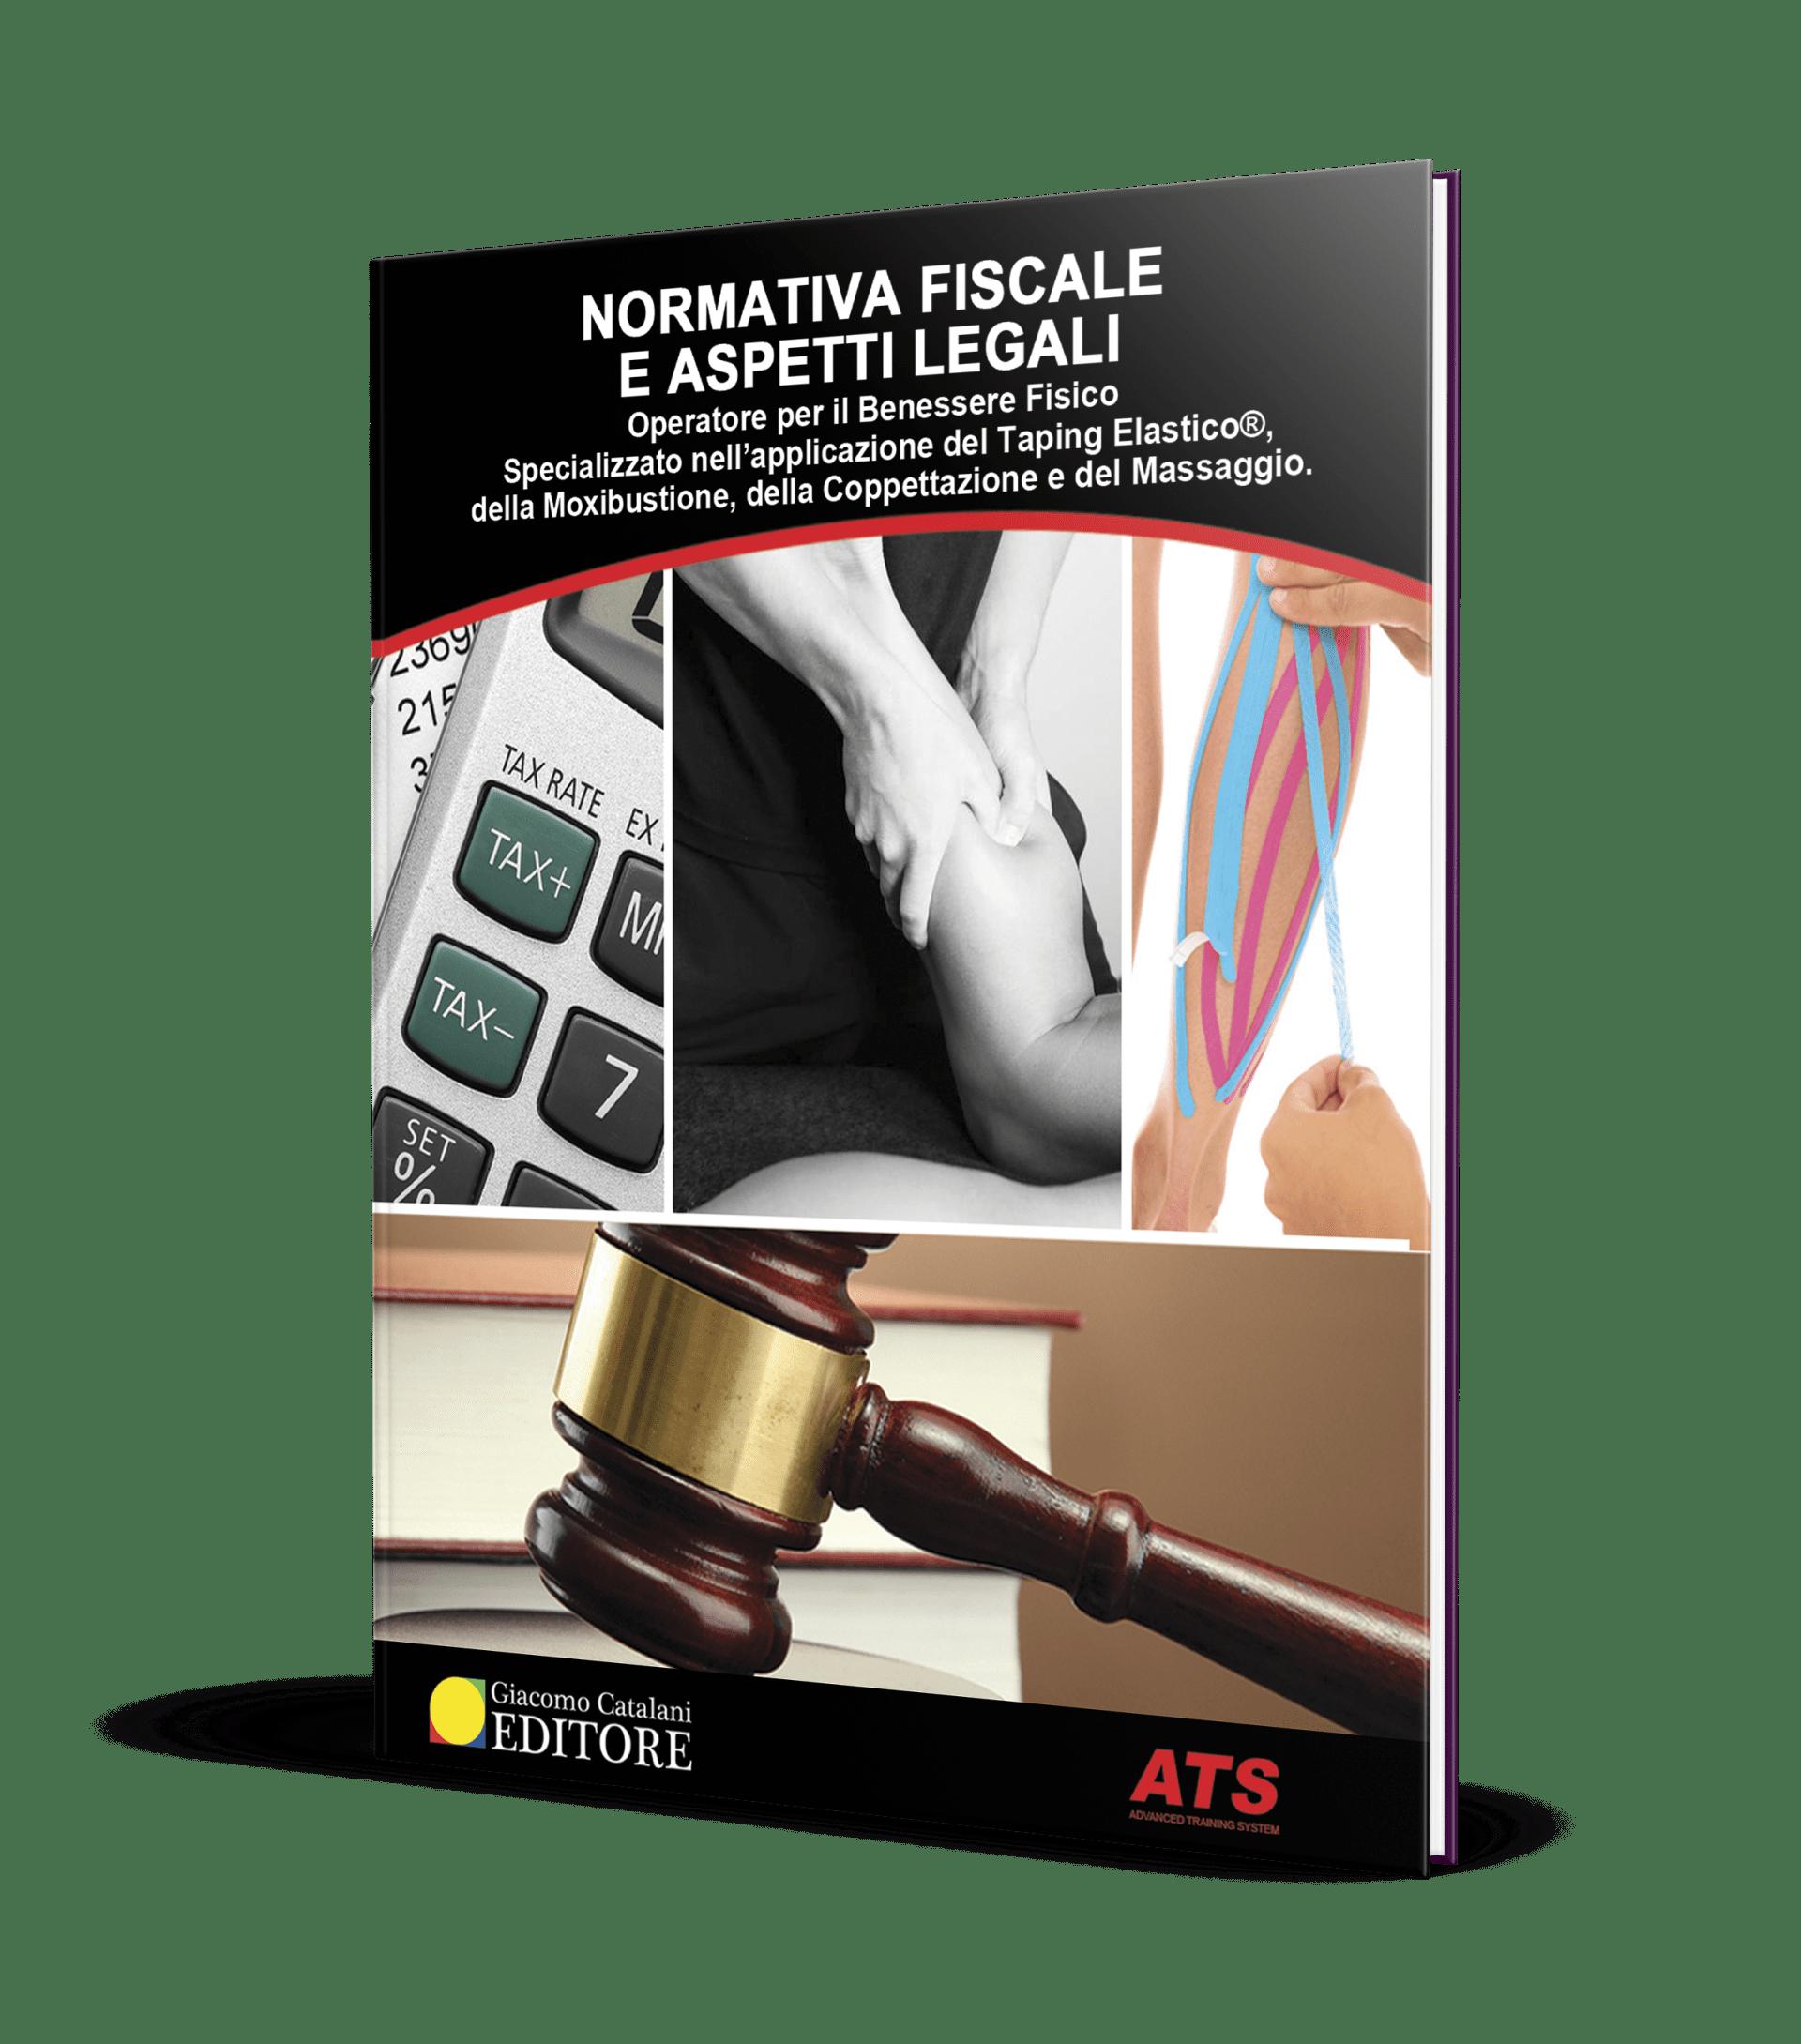 Normativa Fiscale